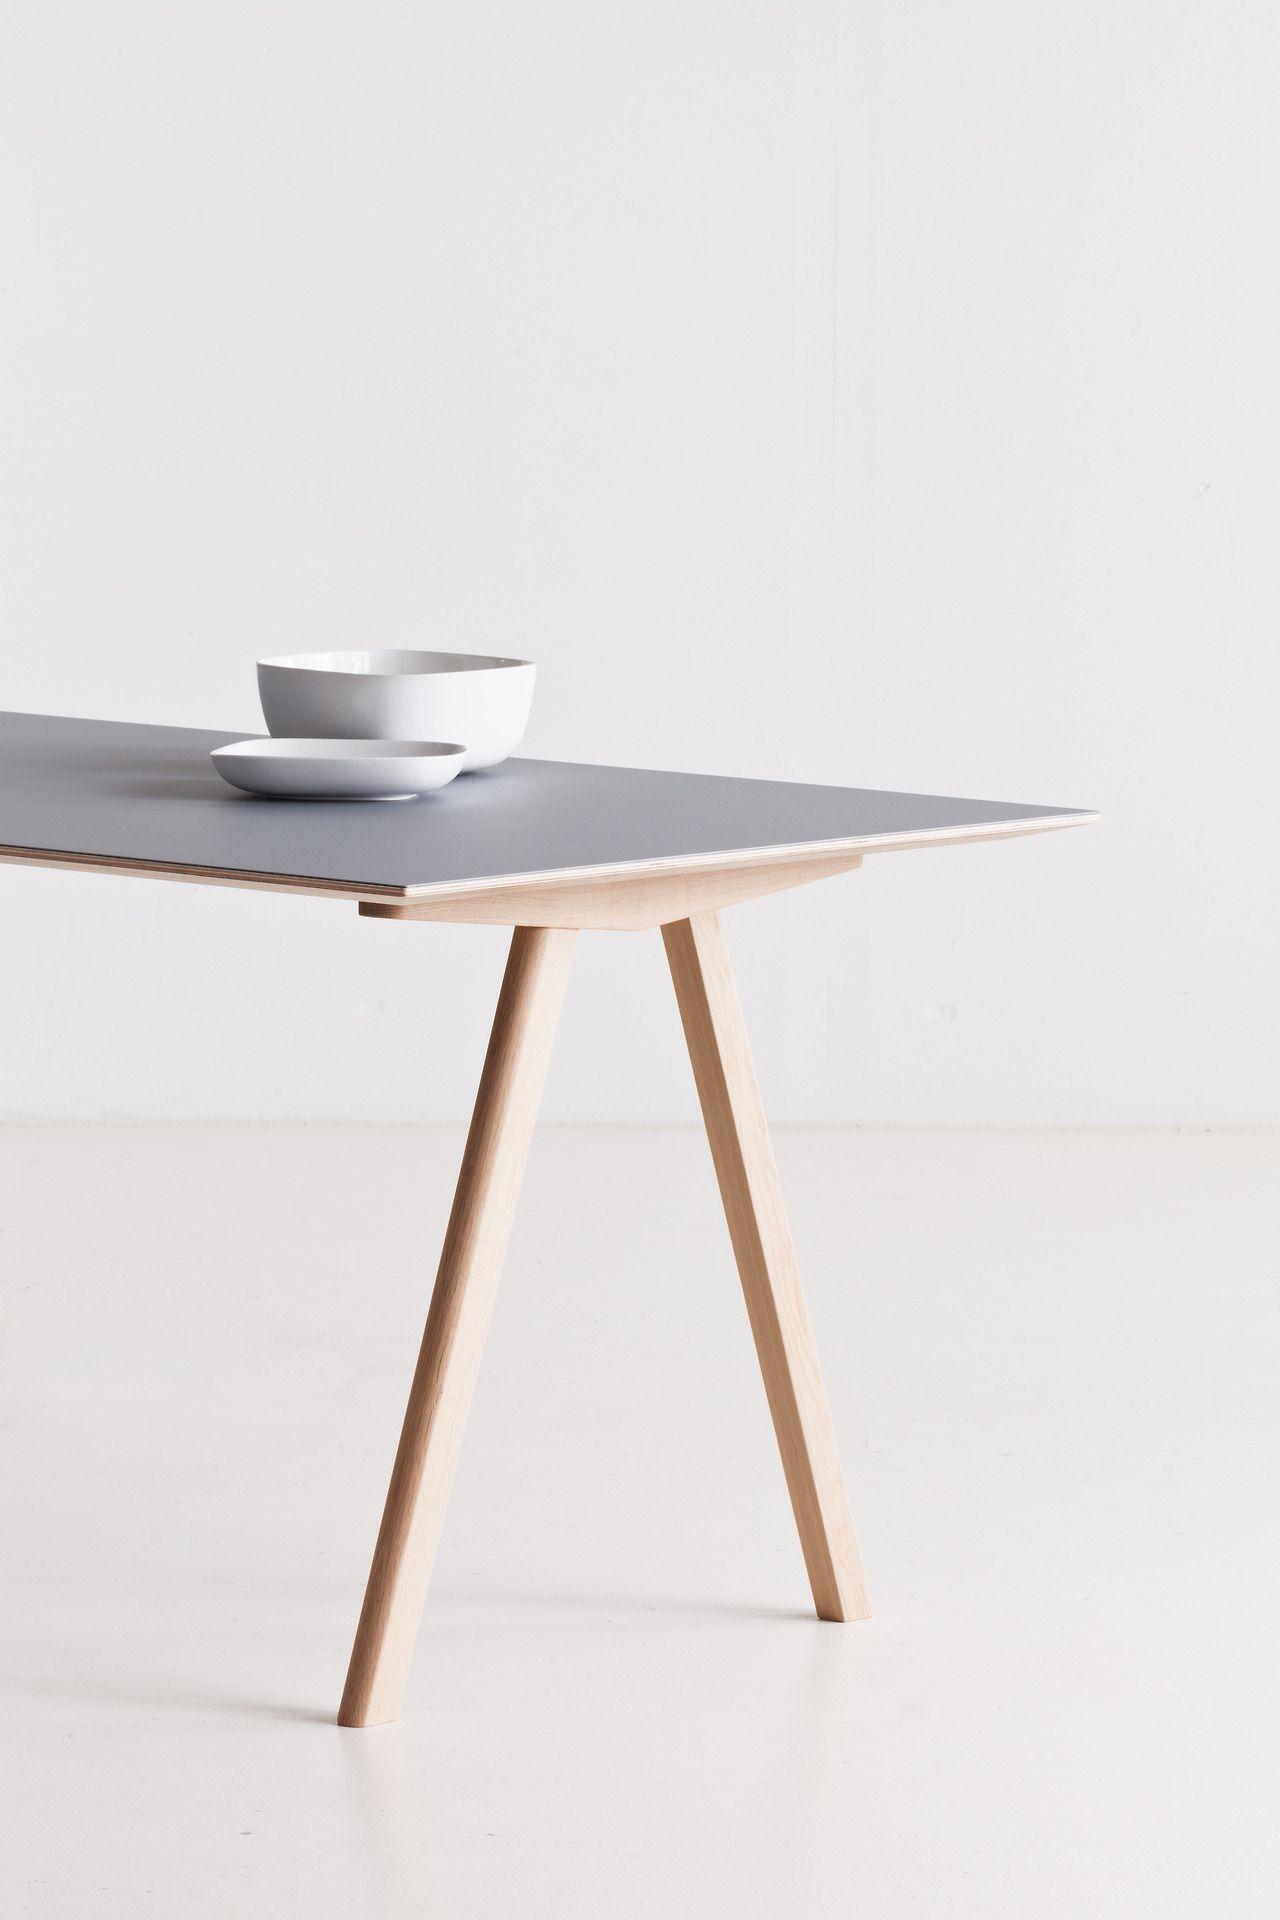 retro tisch retro stuhl pinterest retro tisch retro und tisch. Black Bedroom Furniture Sets. Home Design Ideas